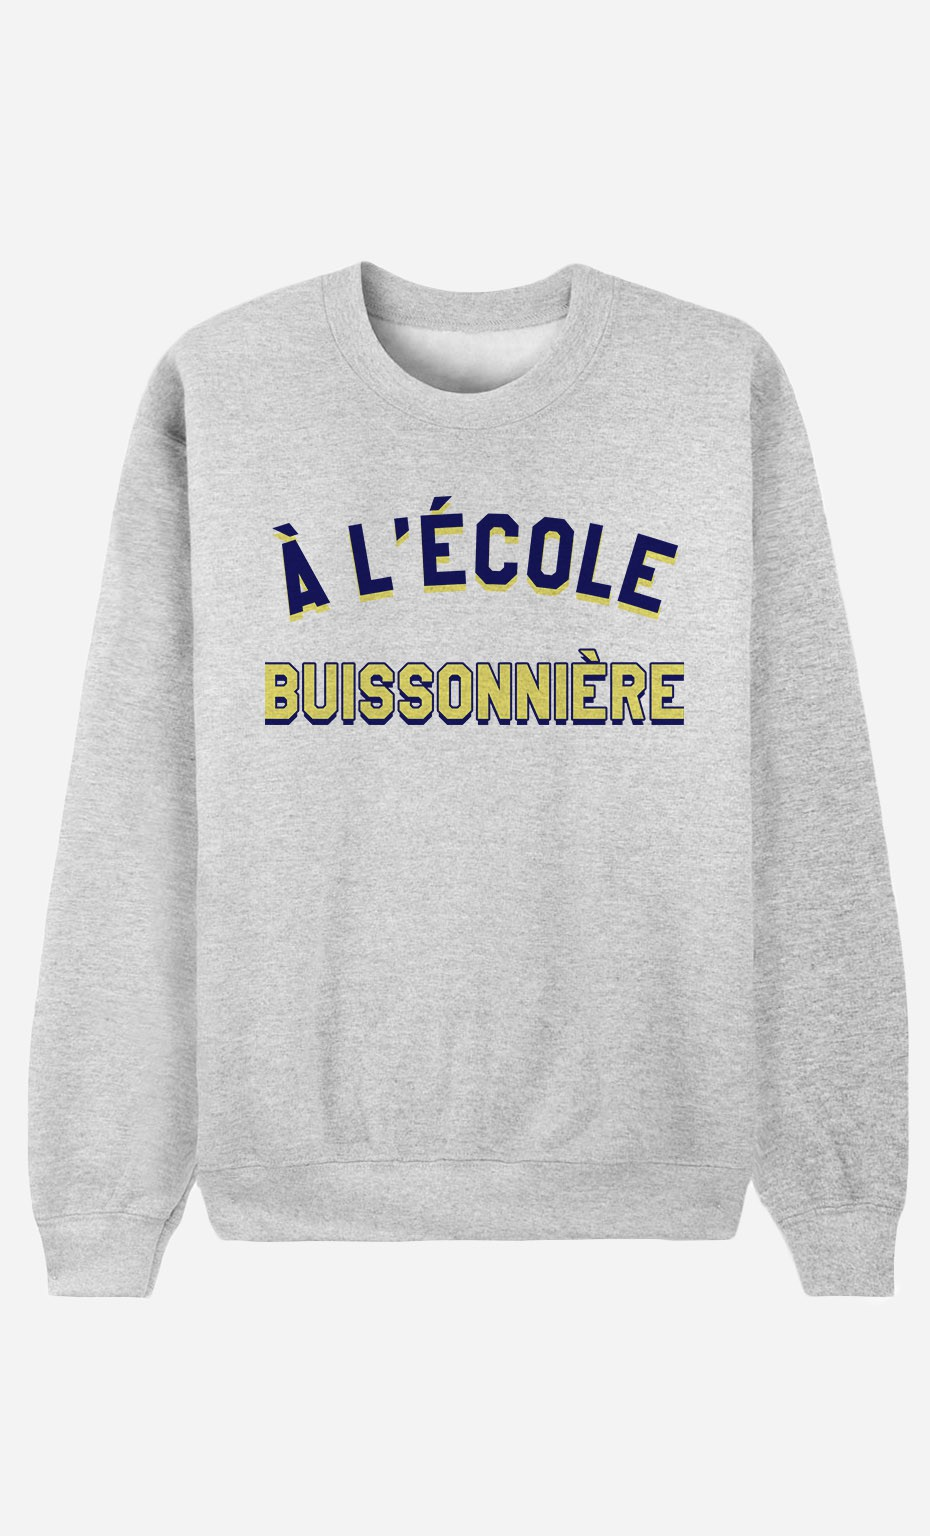 Sweat À L'École Buissonnière